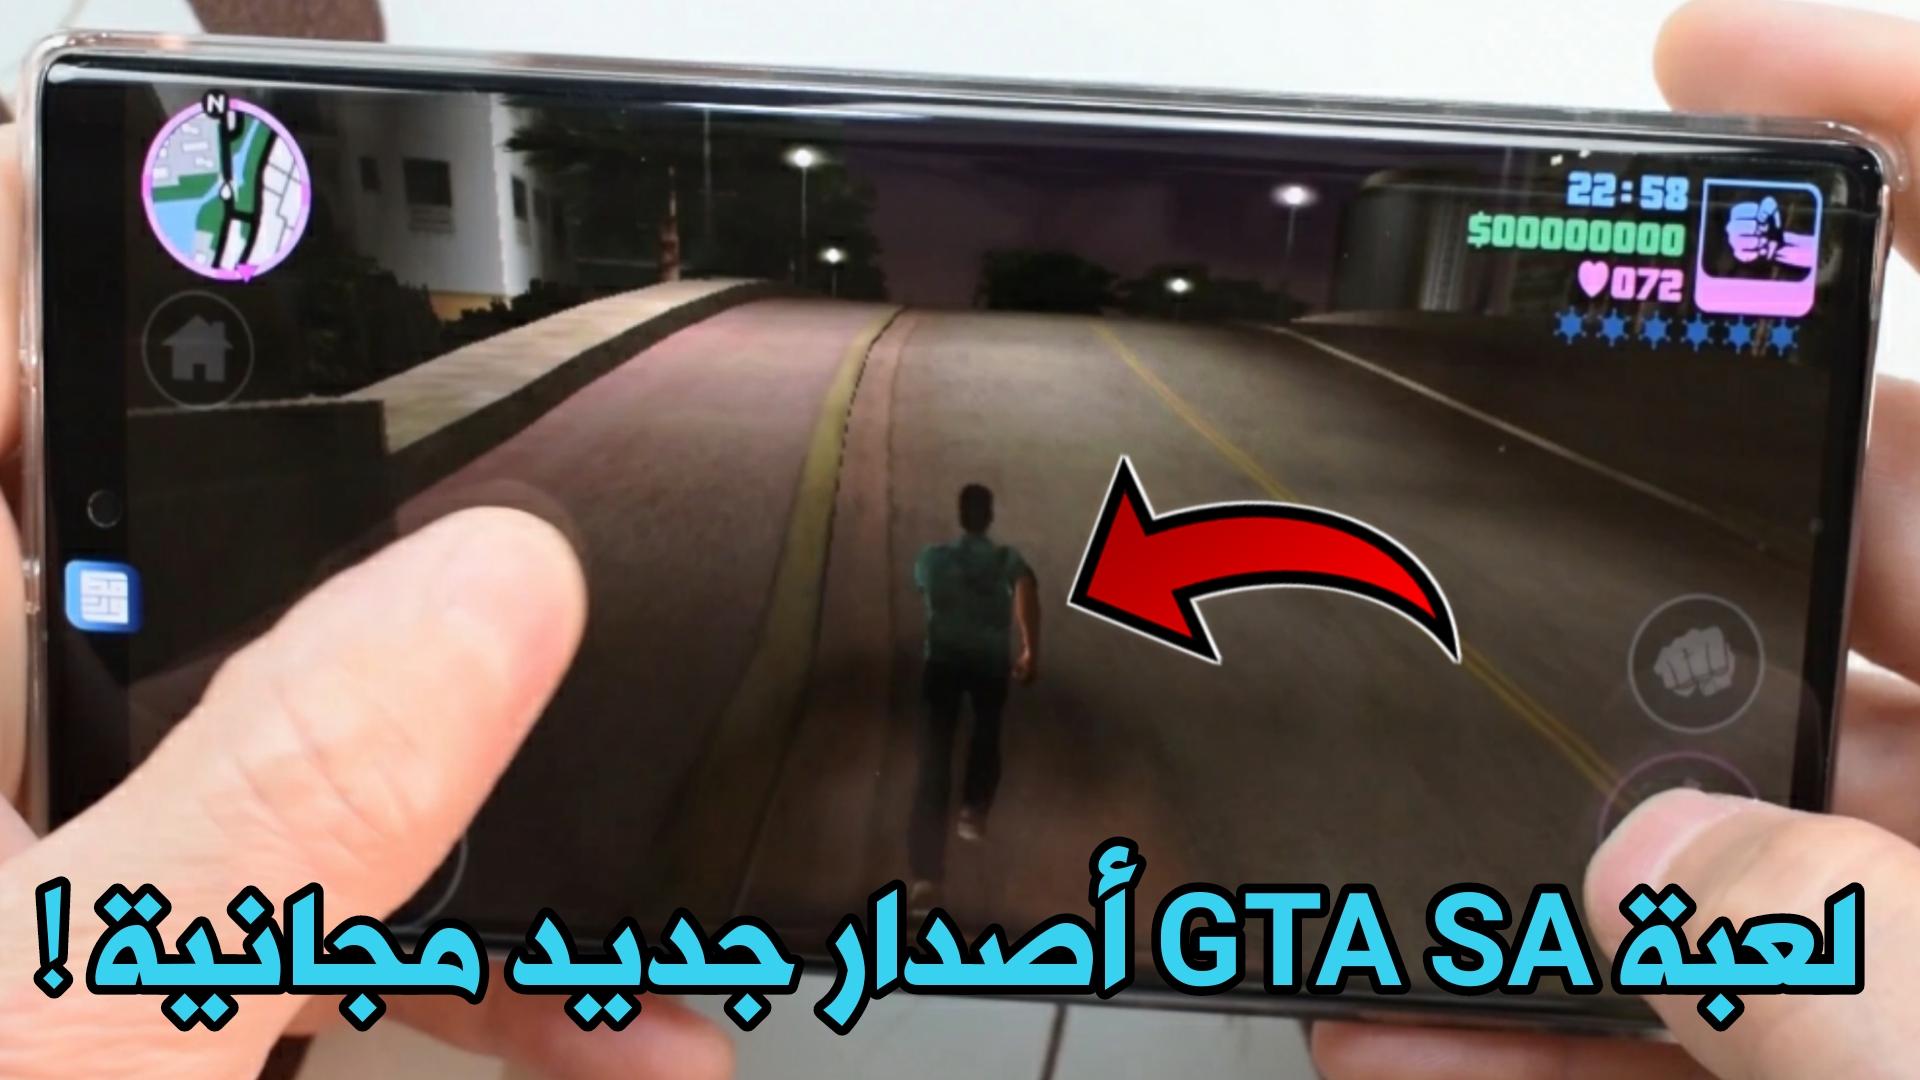 لعبة GTA SA أصدار جديد مفعلة مدى الحياة من الشركة